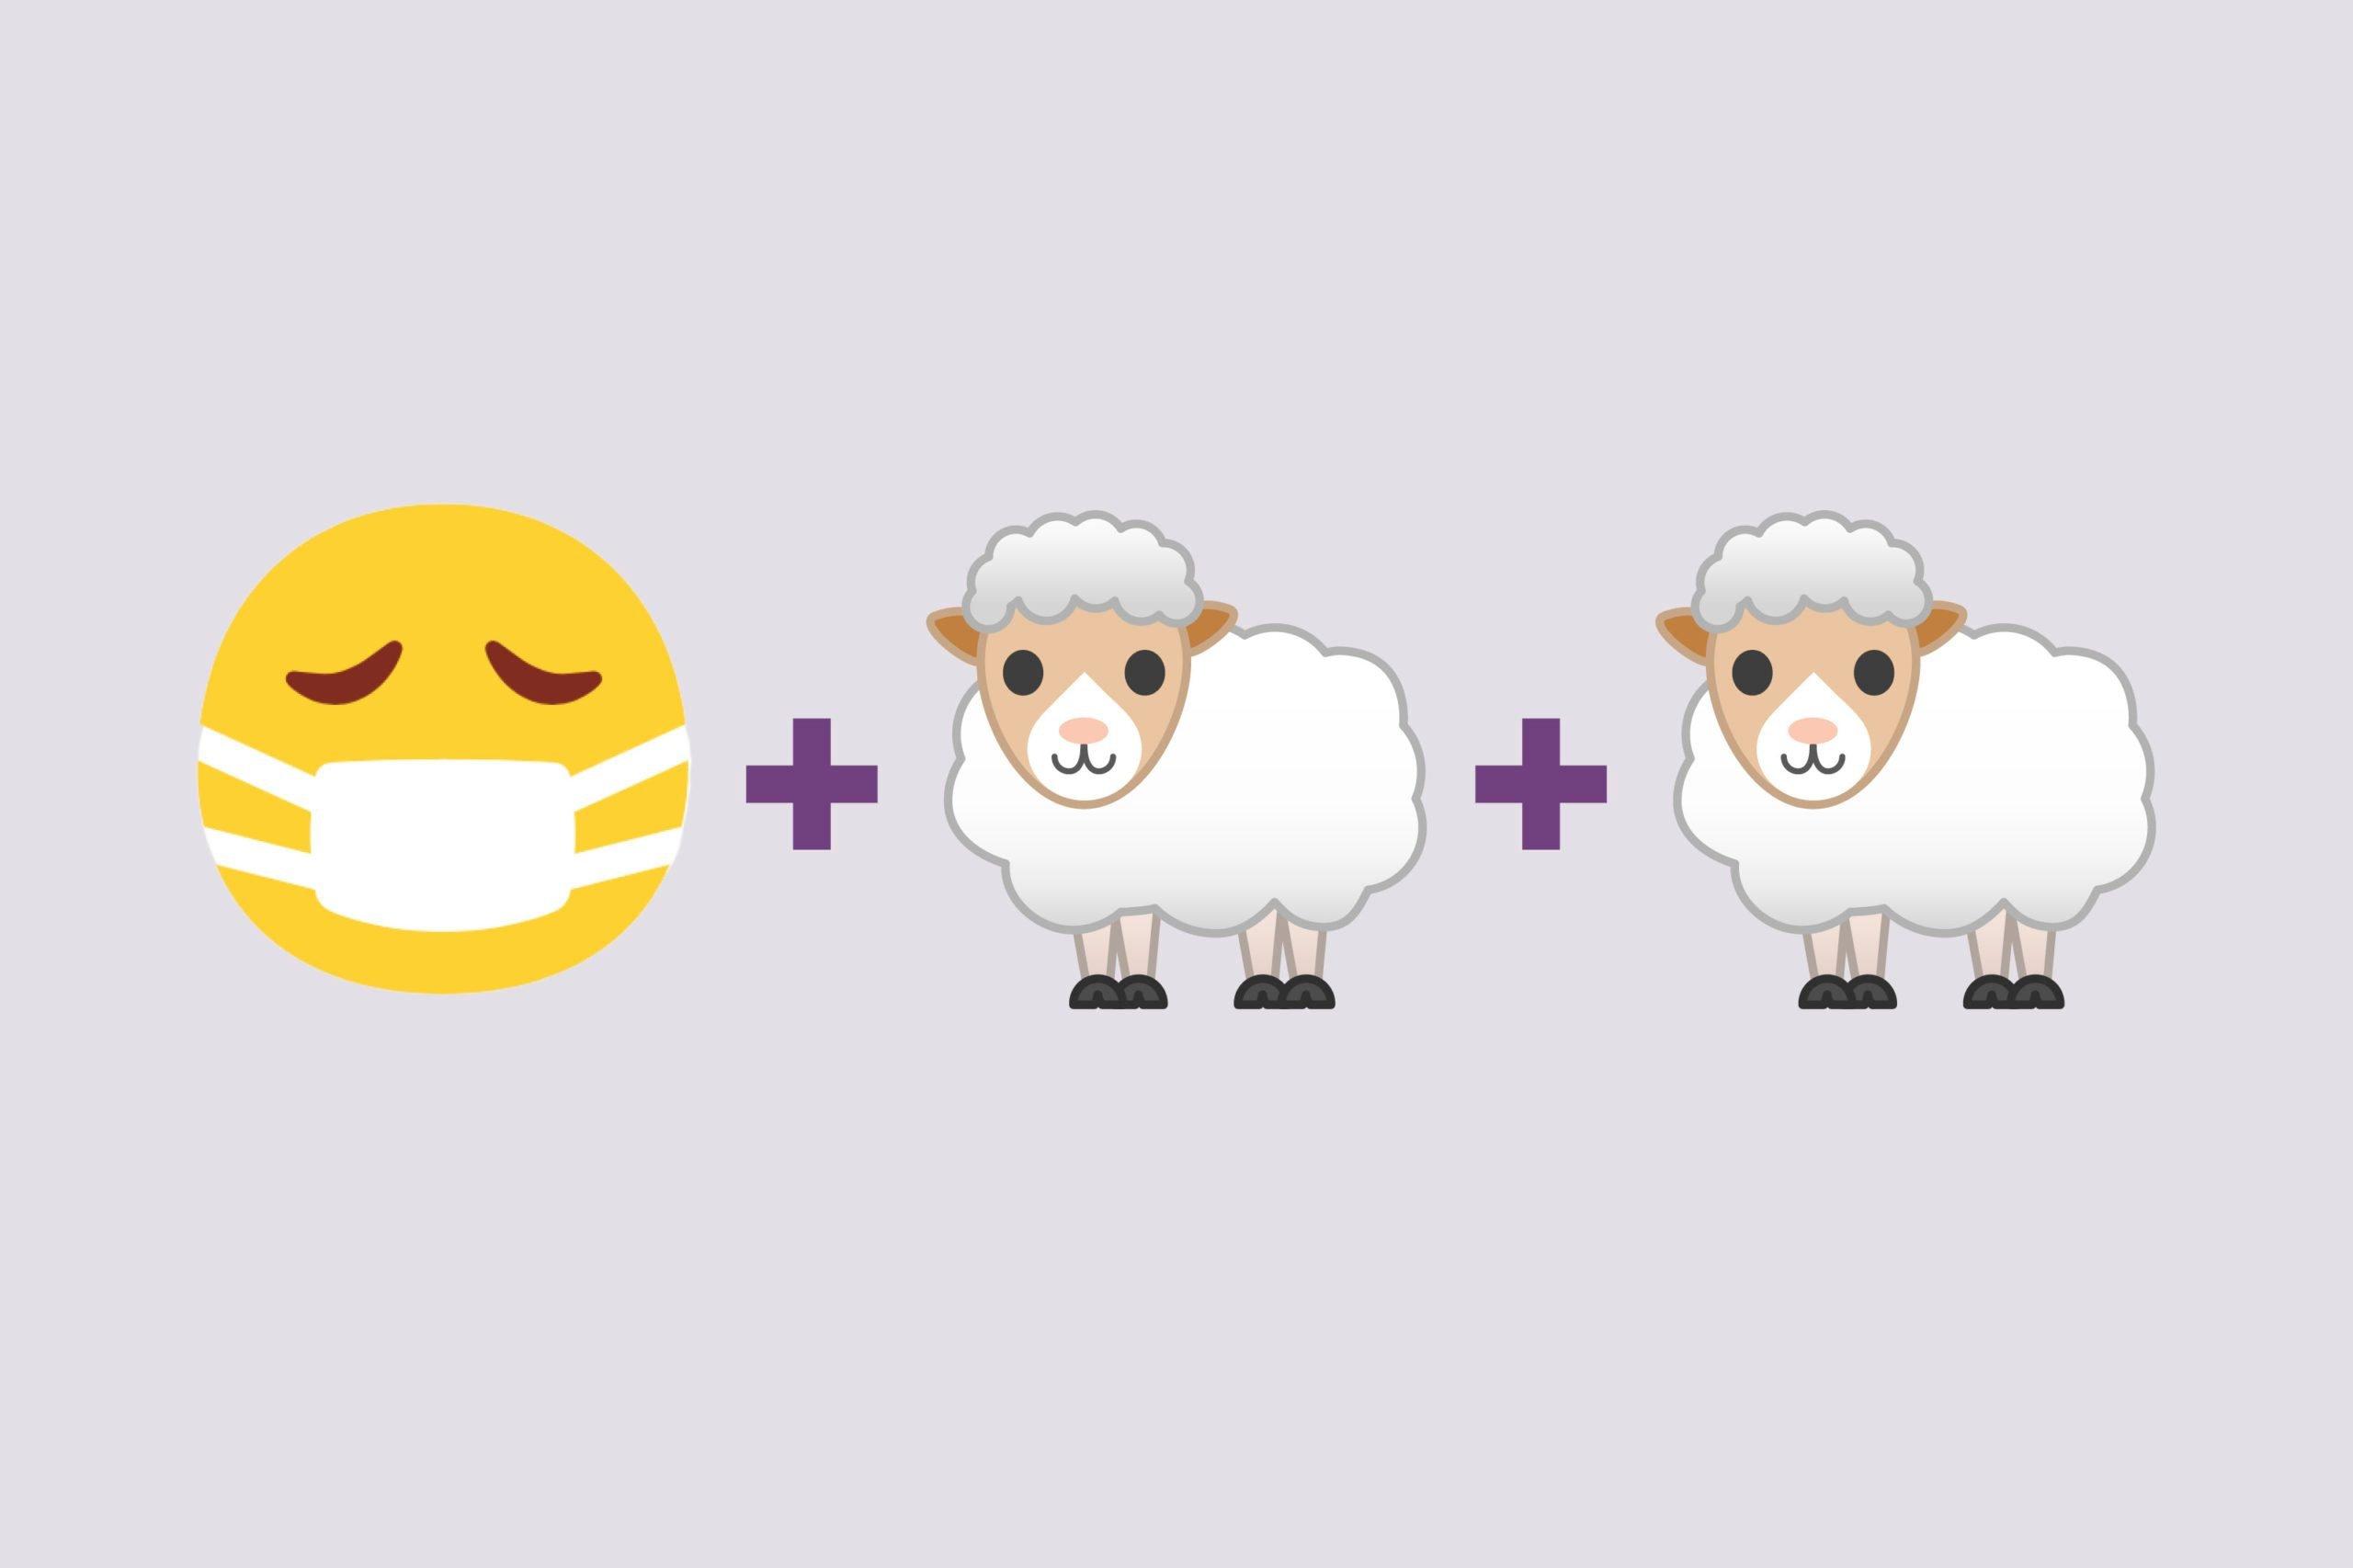 Face with mask emoji + two lamb emojis